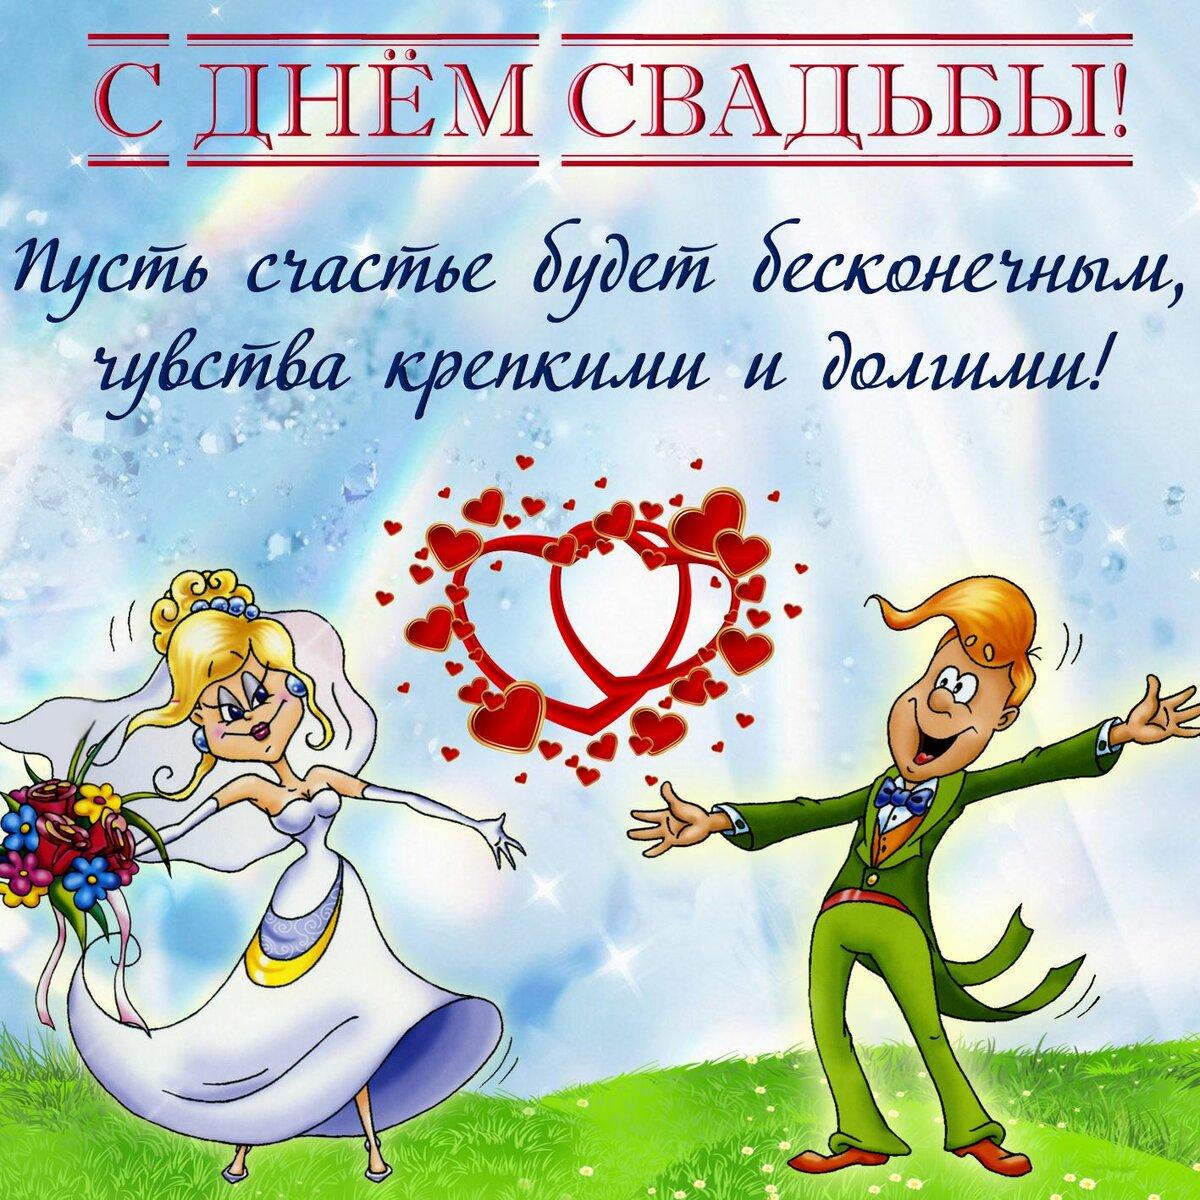 Поздравление на свадьбу стихи в шуточной форме